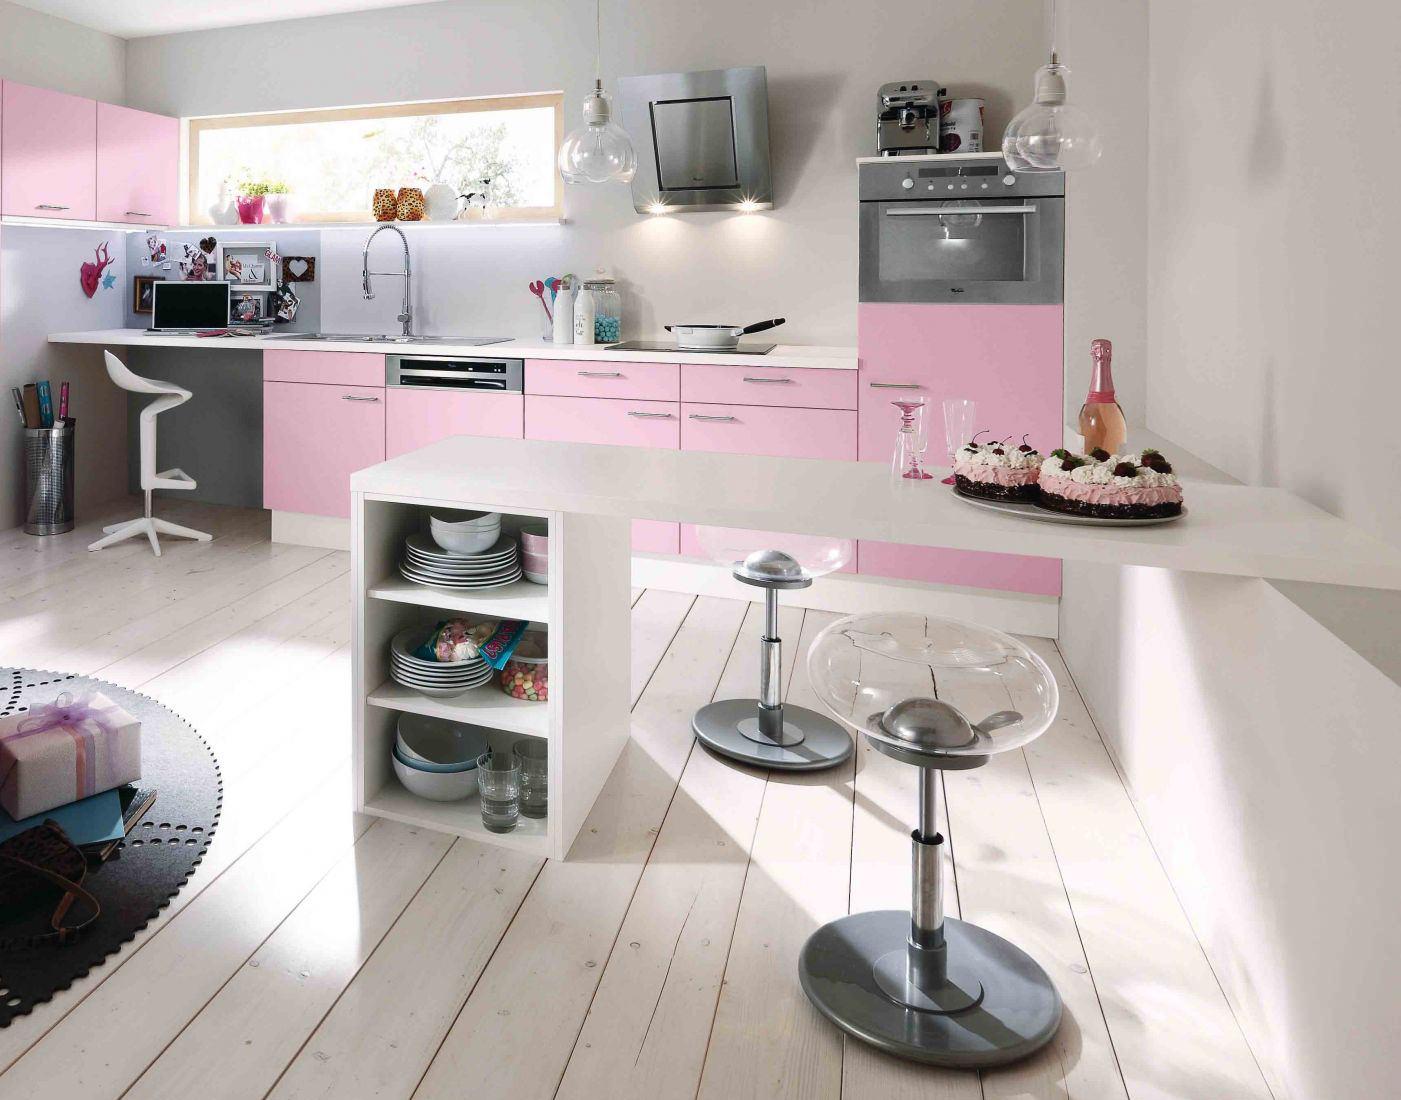 Белый, розовый и черный цвета на кухне с барной стойкой